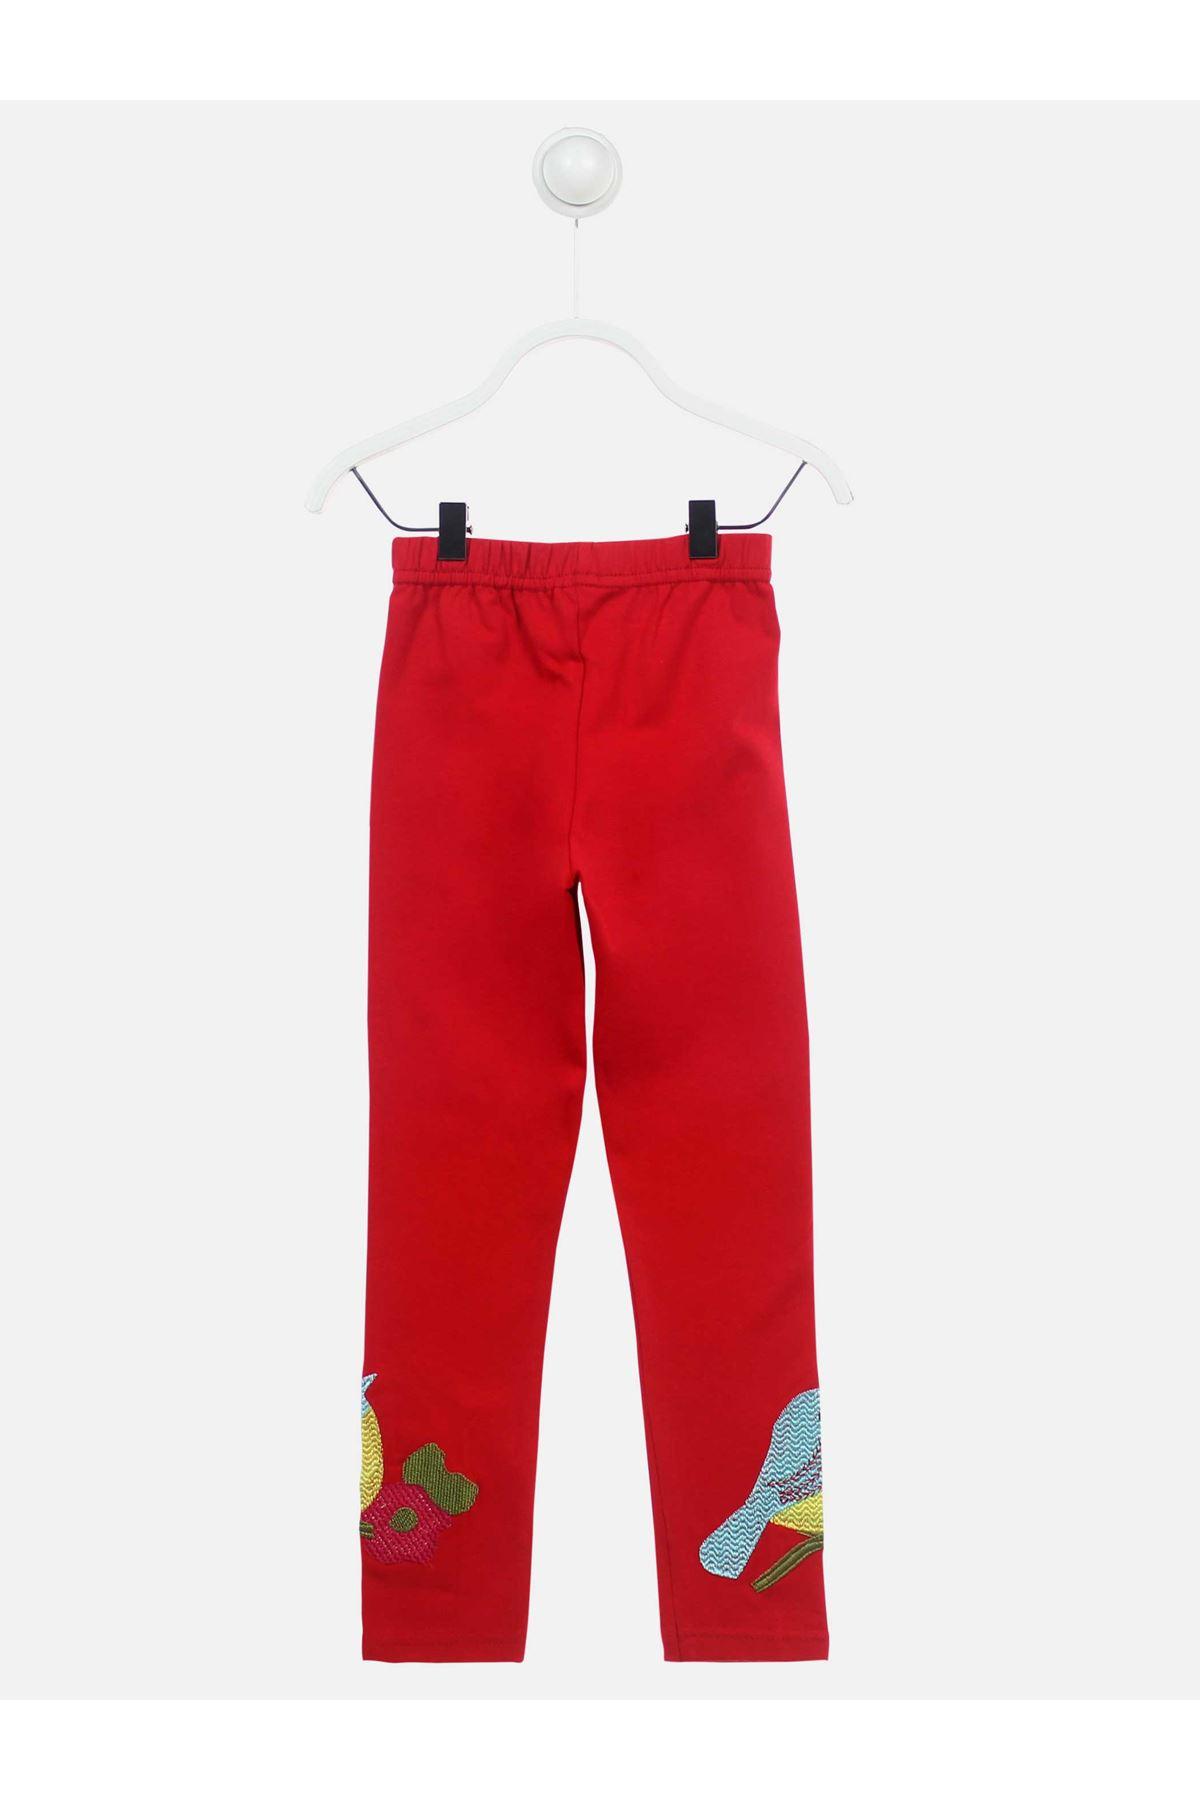 Kırmızı Mevsimlik Kız Çocuk Tayt